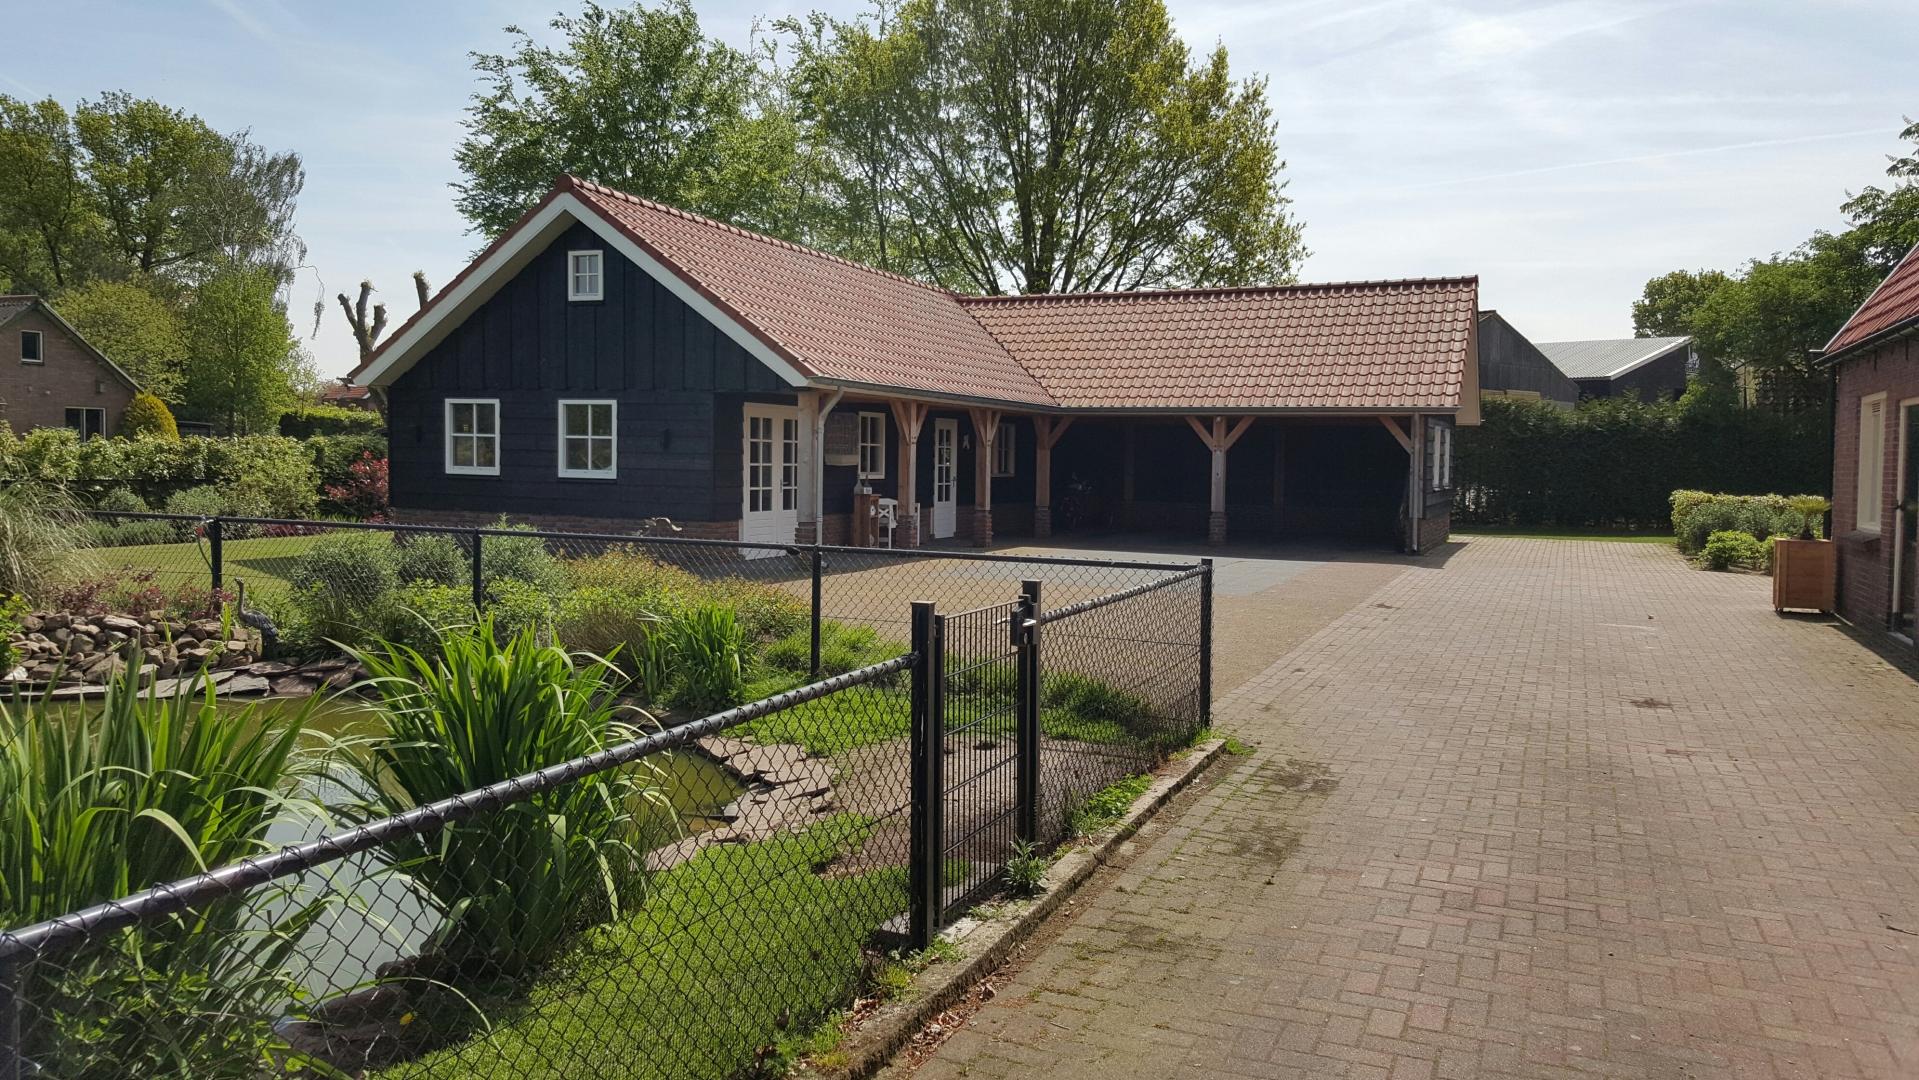 Nieuwbouw schuur met dubbele carport in buitengebied van Ermelo